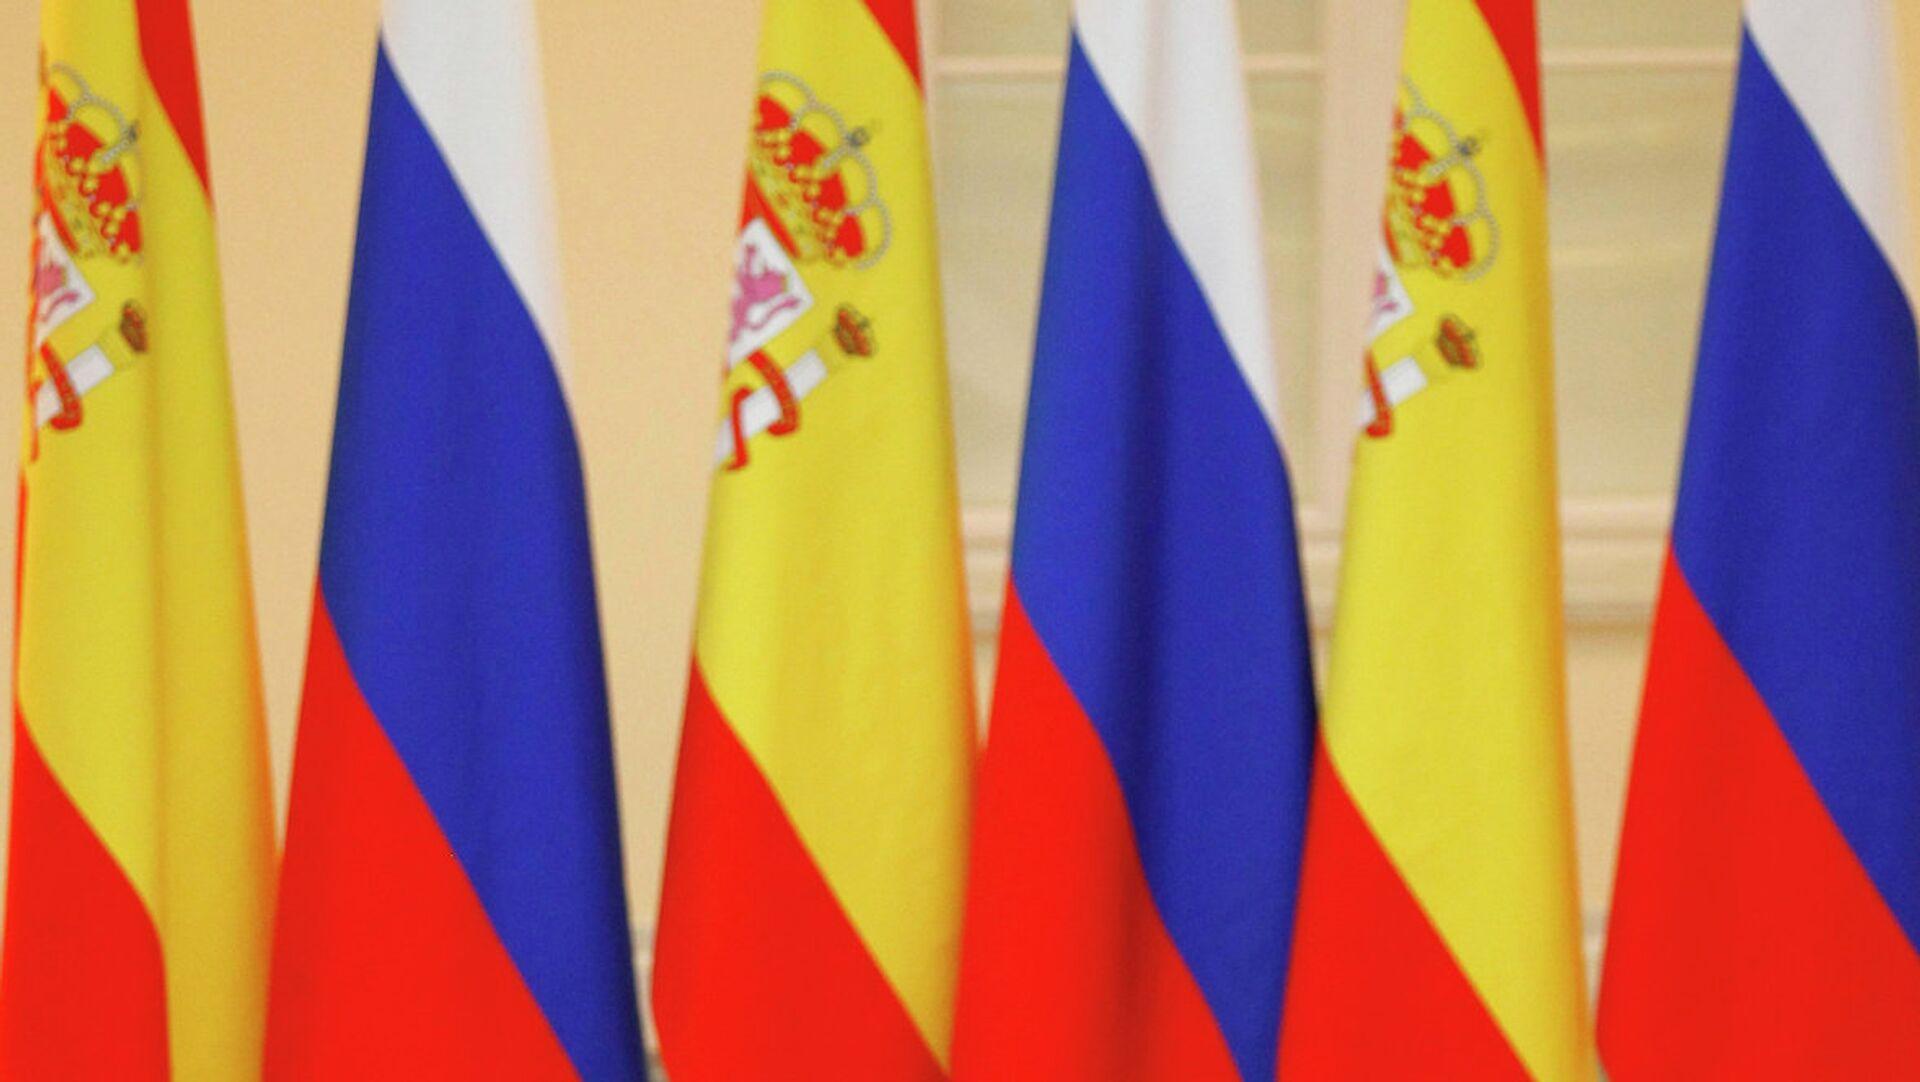 Banderas de España y Rusia (archivo) - Sputnik Mundo, 1920, 08.04.2021